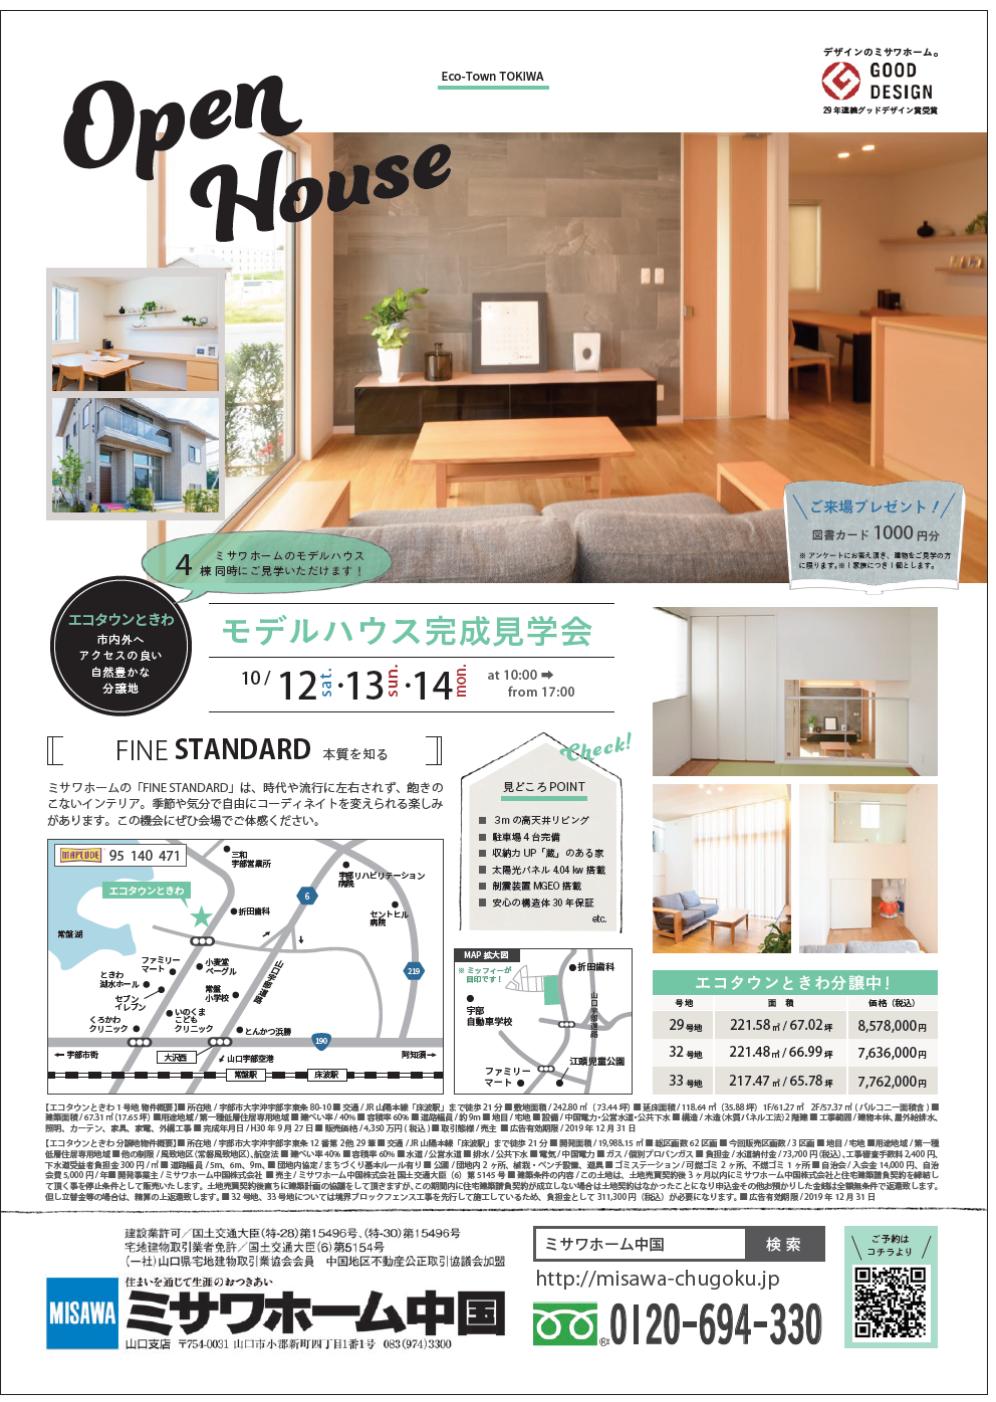 画像:【エコタウンときわ】モデルハウス4棟見学会開催!!10/12.13.14